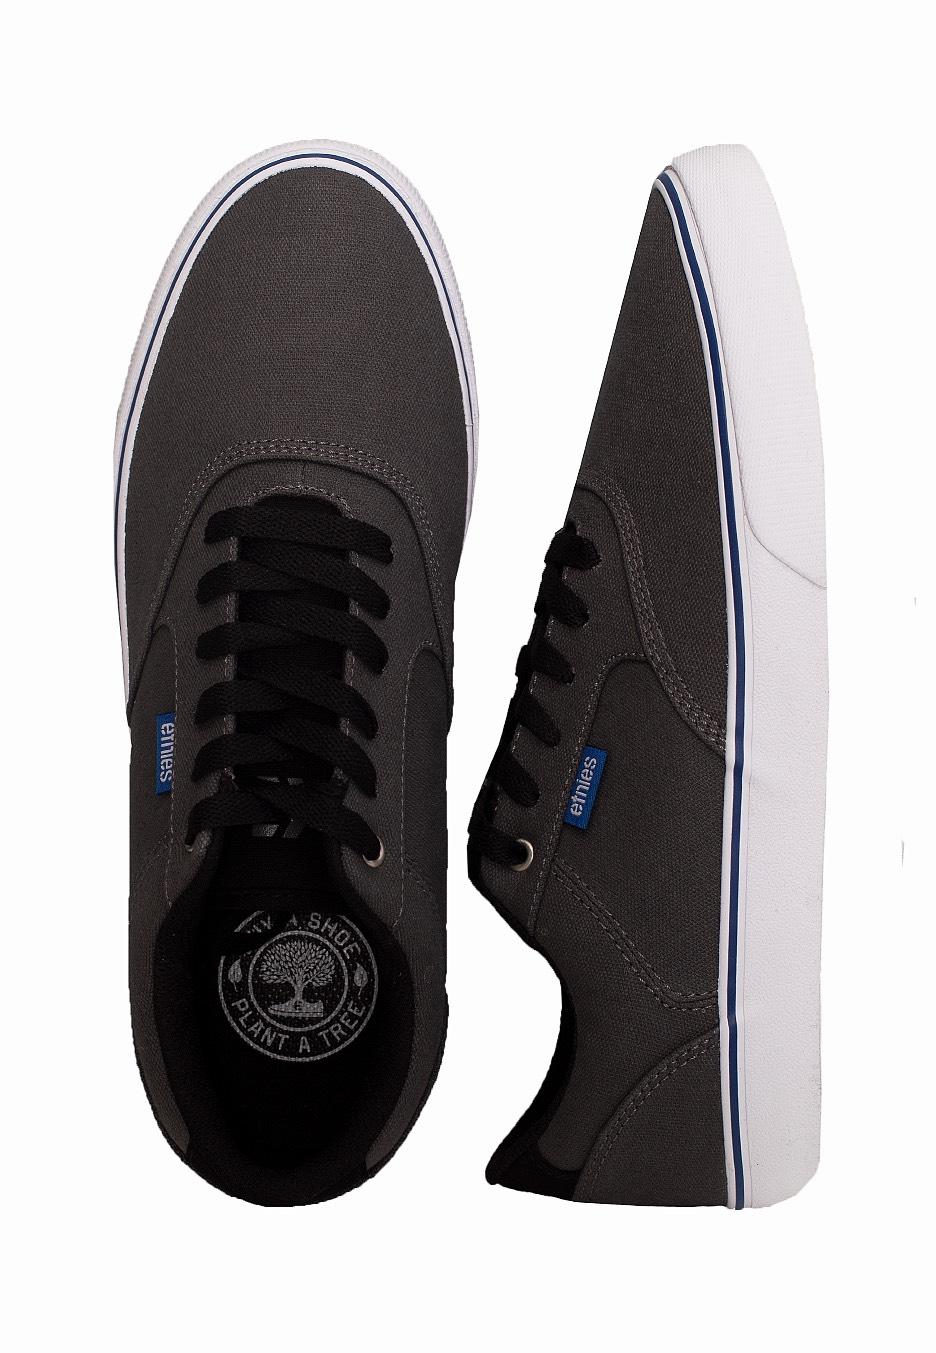 Etnies - Blitz Grey/Black/Blue - Shoes